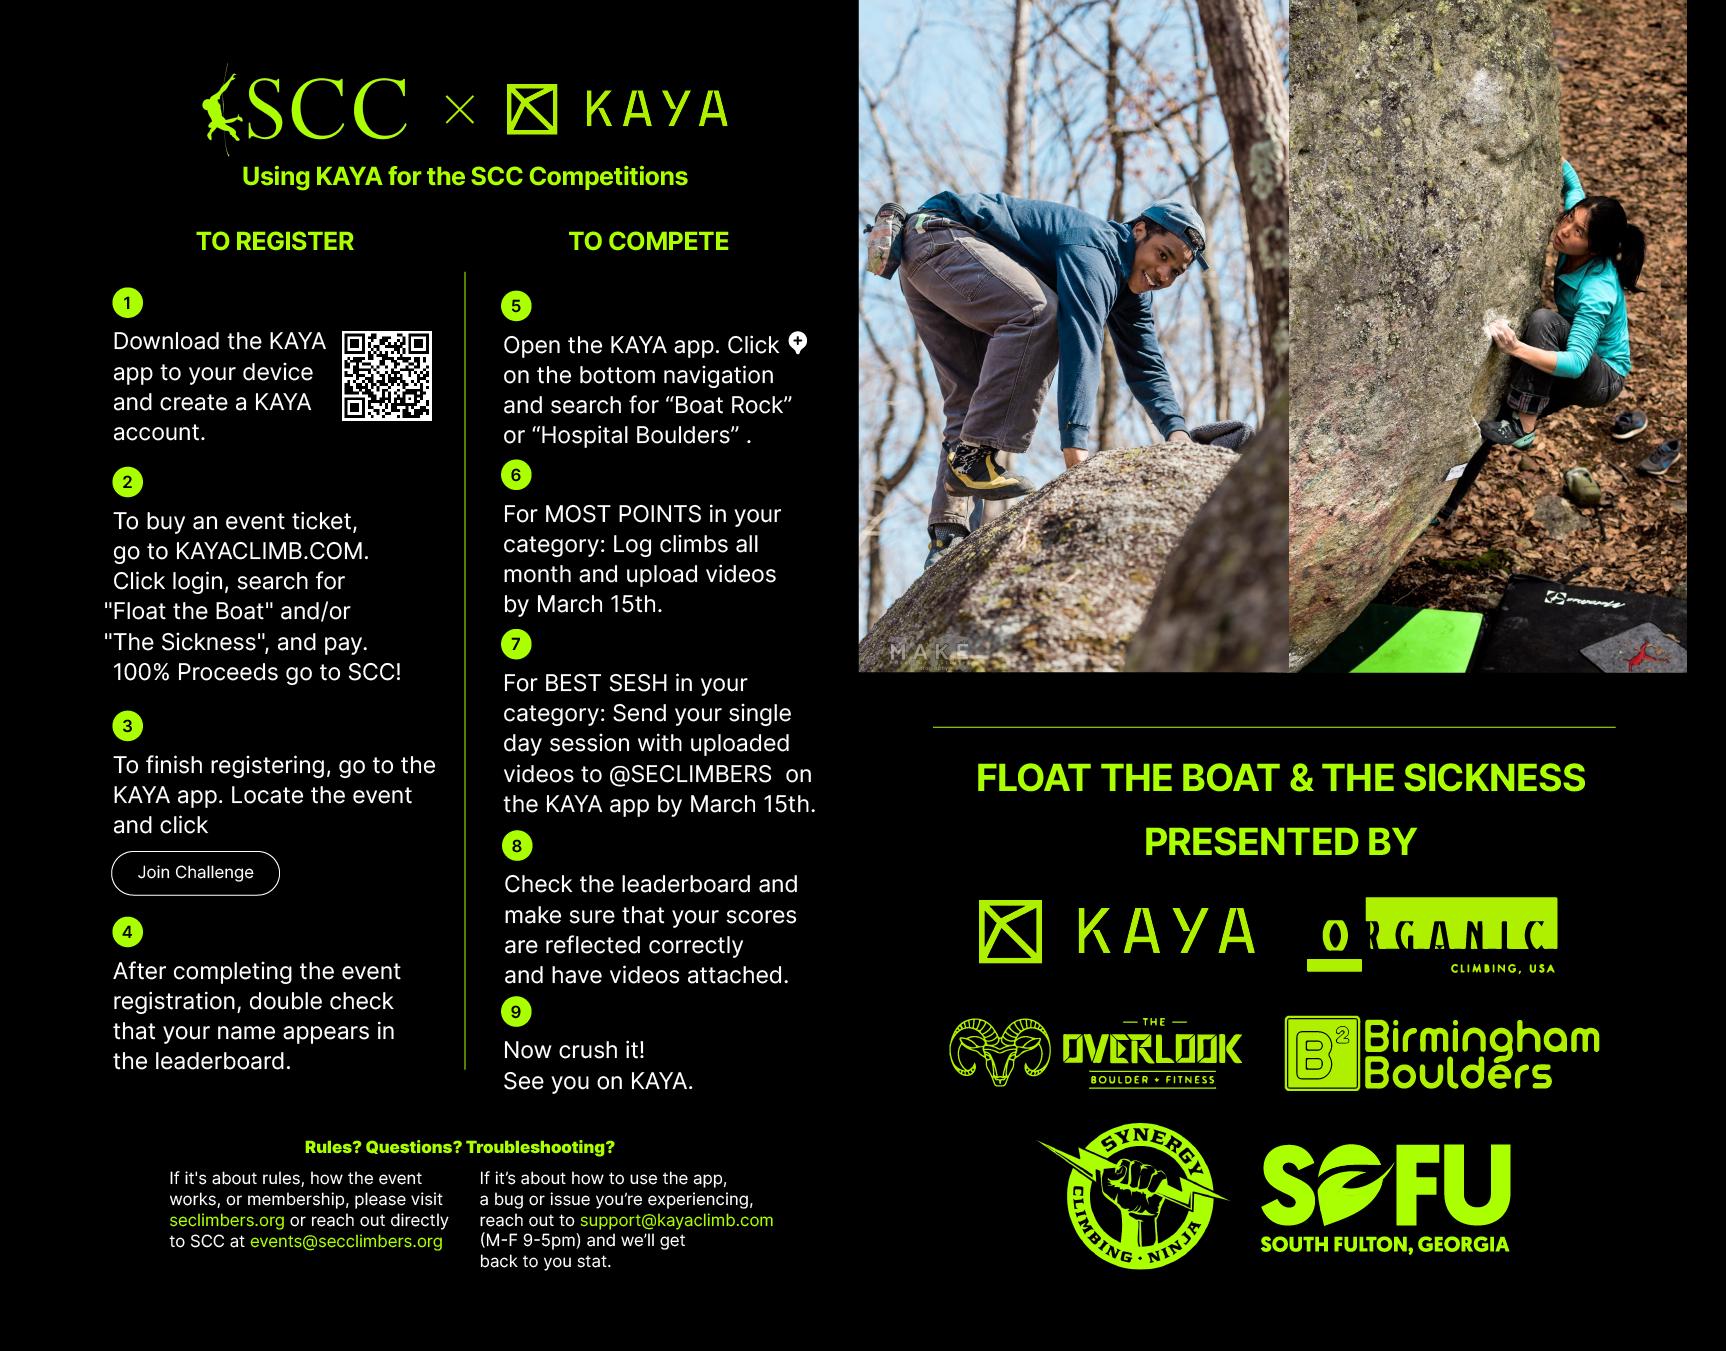 SCC_KAYA_INFOGRAPHIC-01